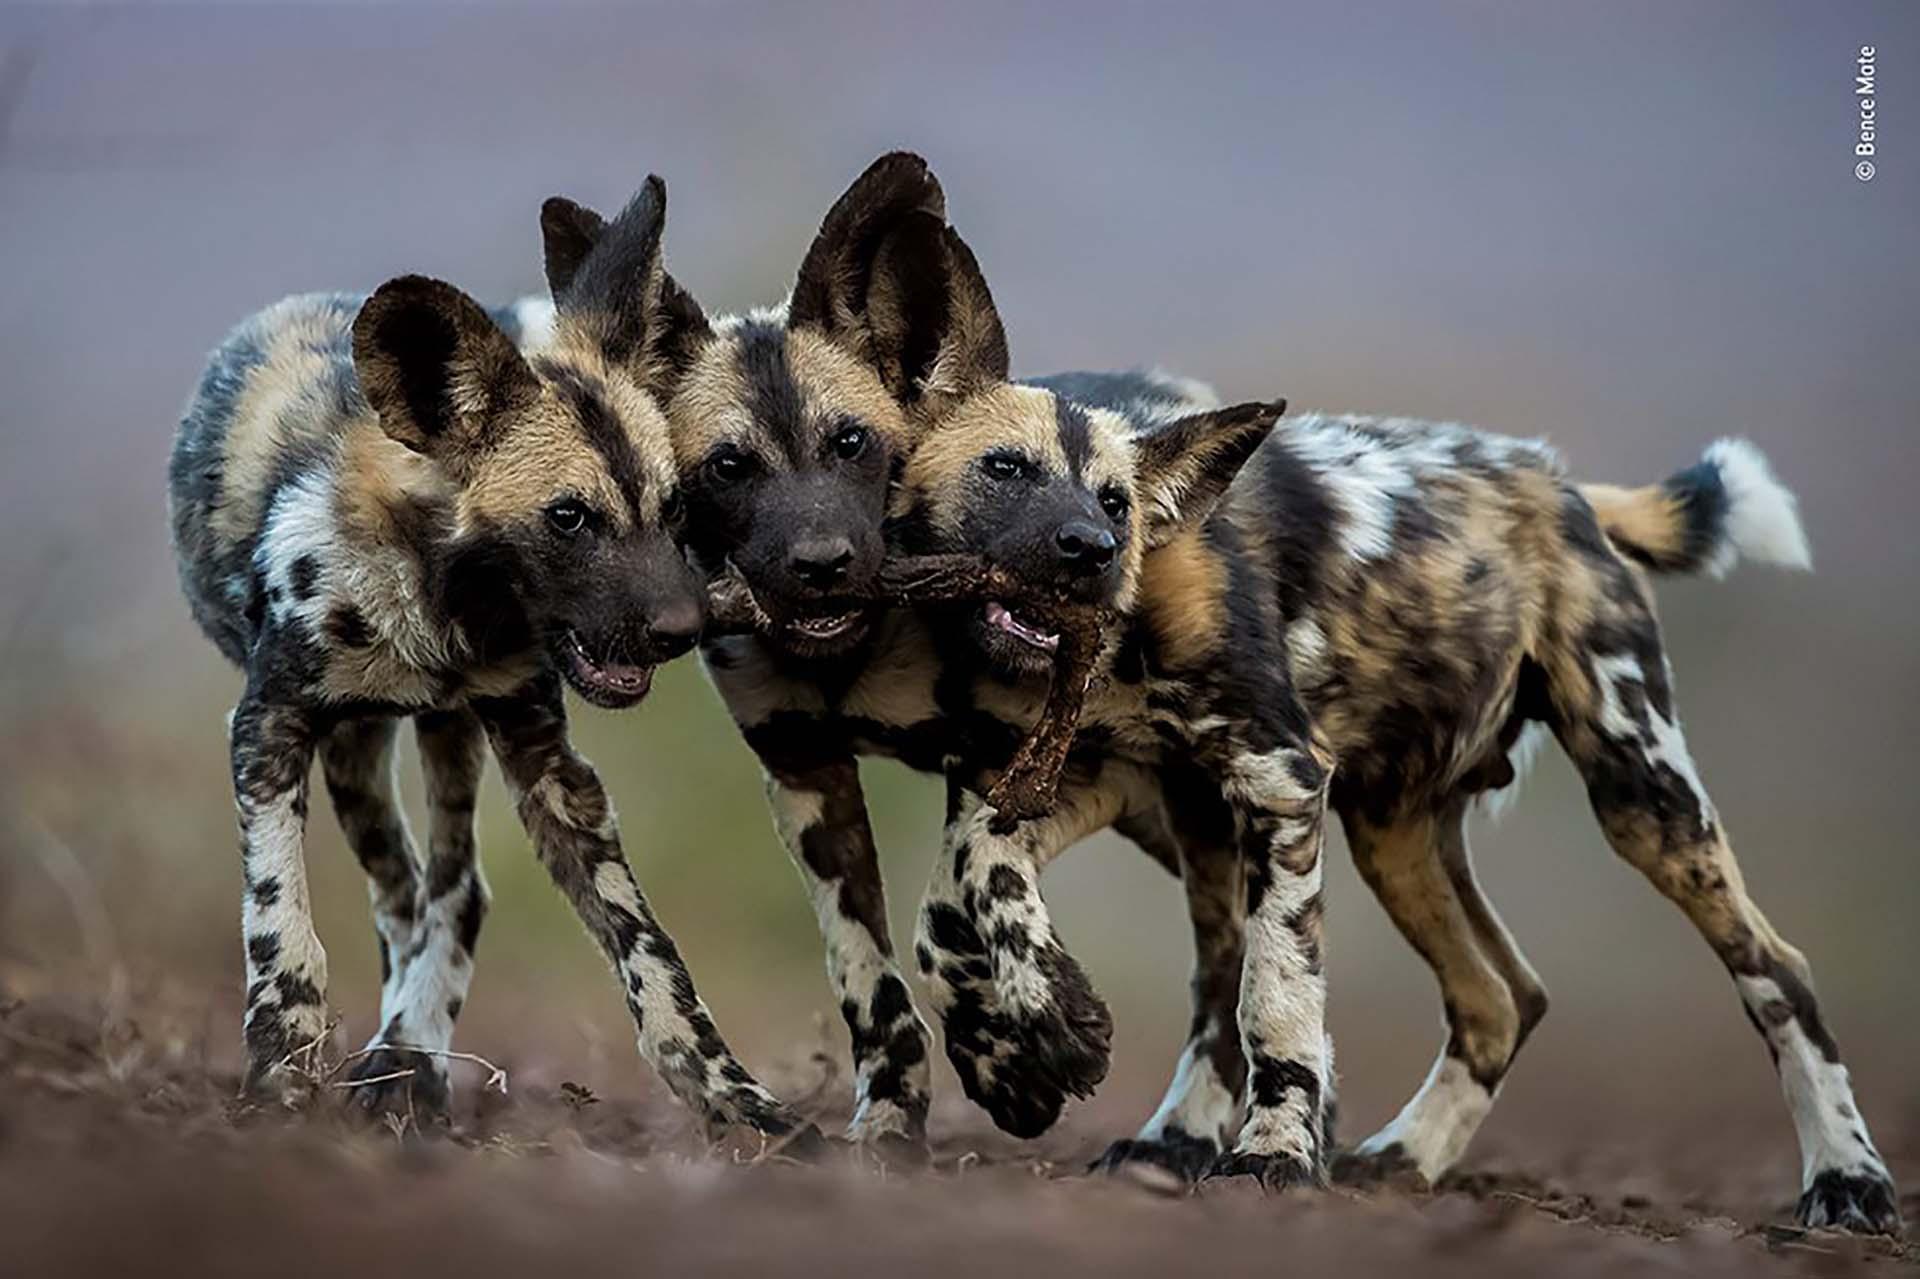 'Un juguete, tres perros': A pesar de que los perros salvajes adultos africanos son asesinos despiadados, sus cachorros son muy juguetones. Bence Mate fotografió a estos hermanos en Sudáfrica